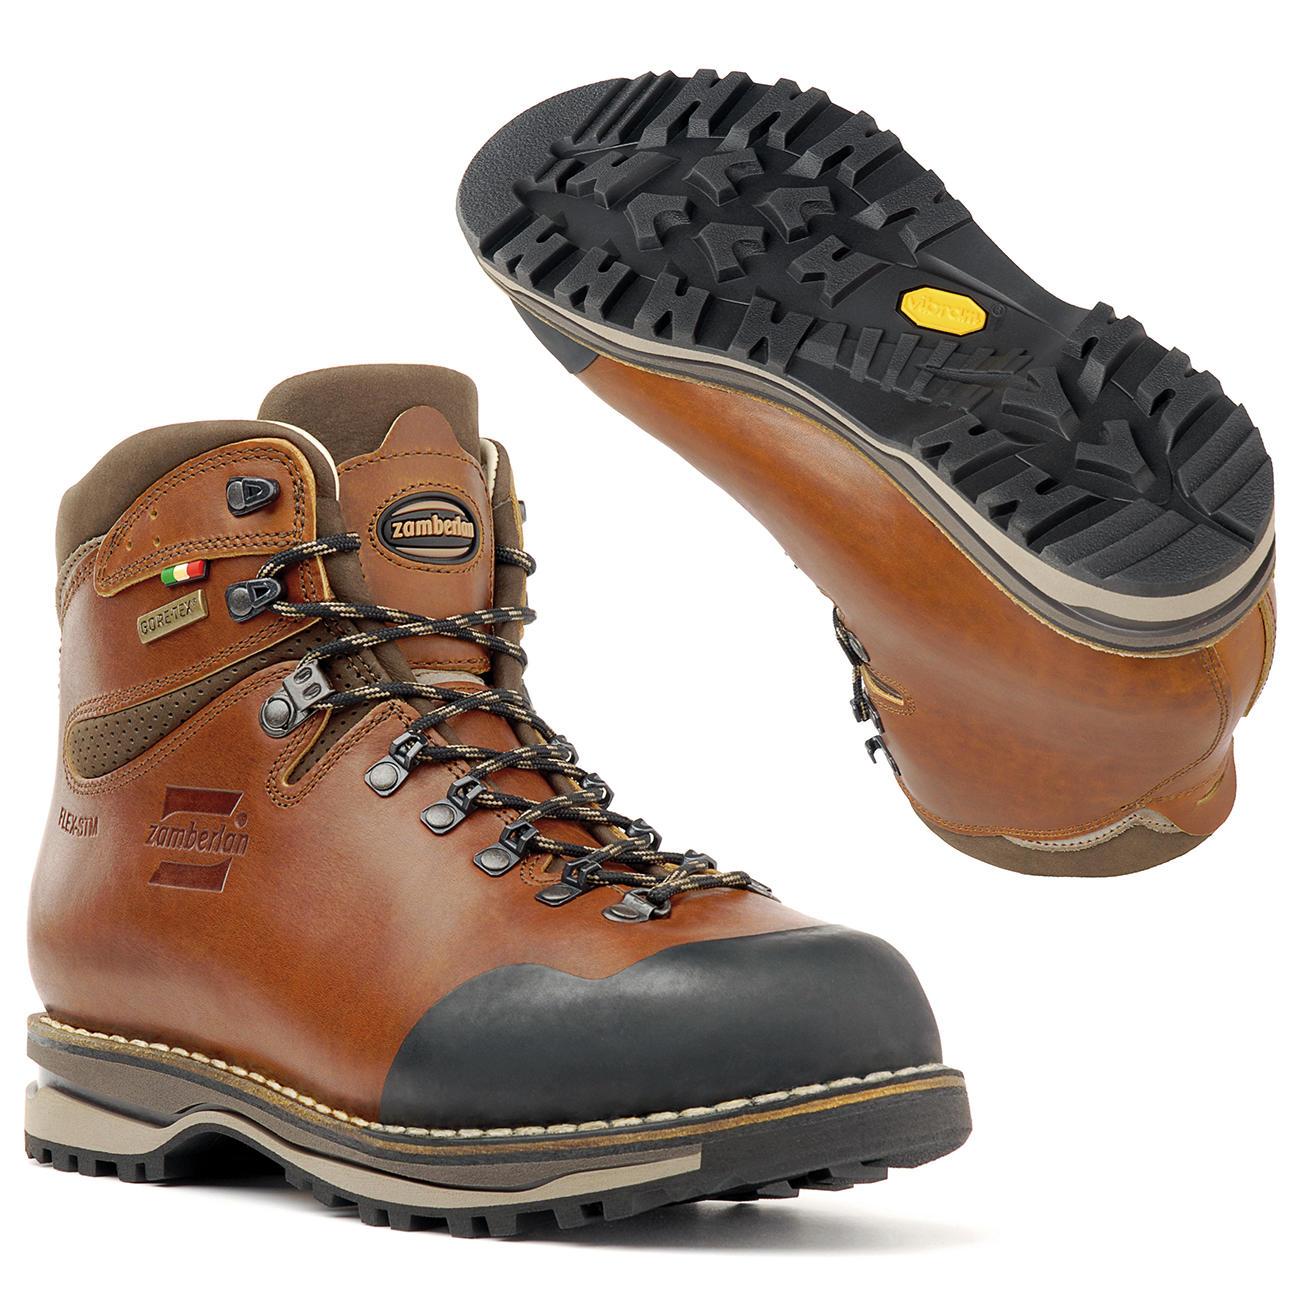 Chaussures de randonnée faites main Zamberlan®